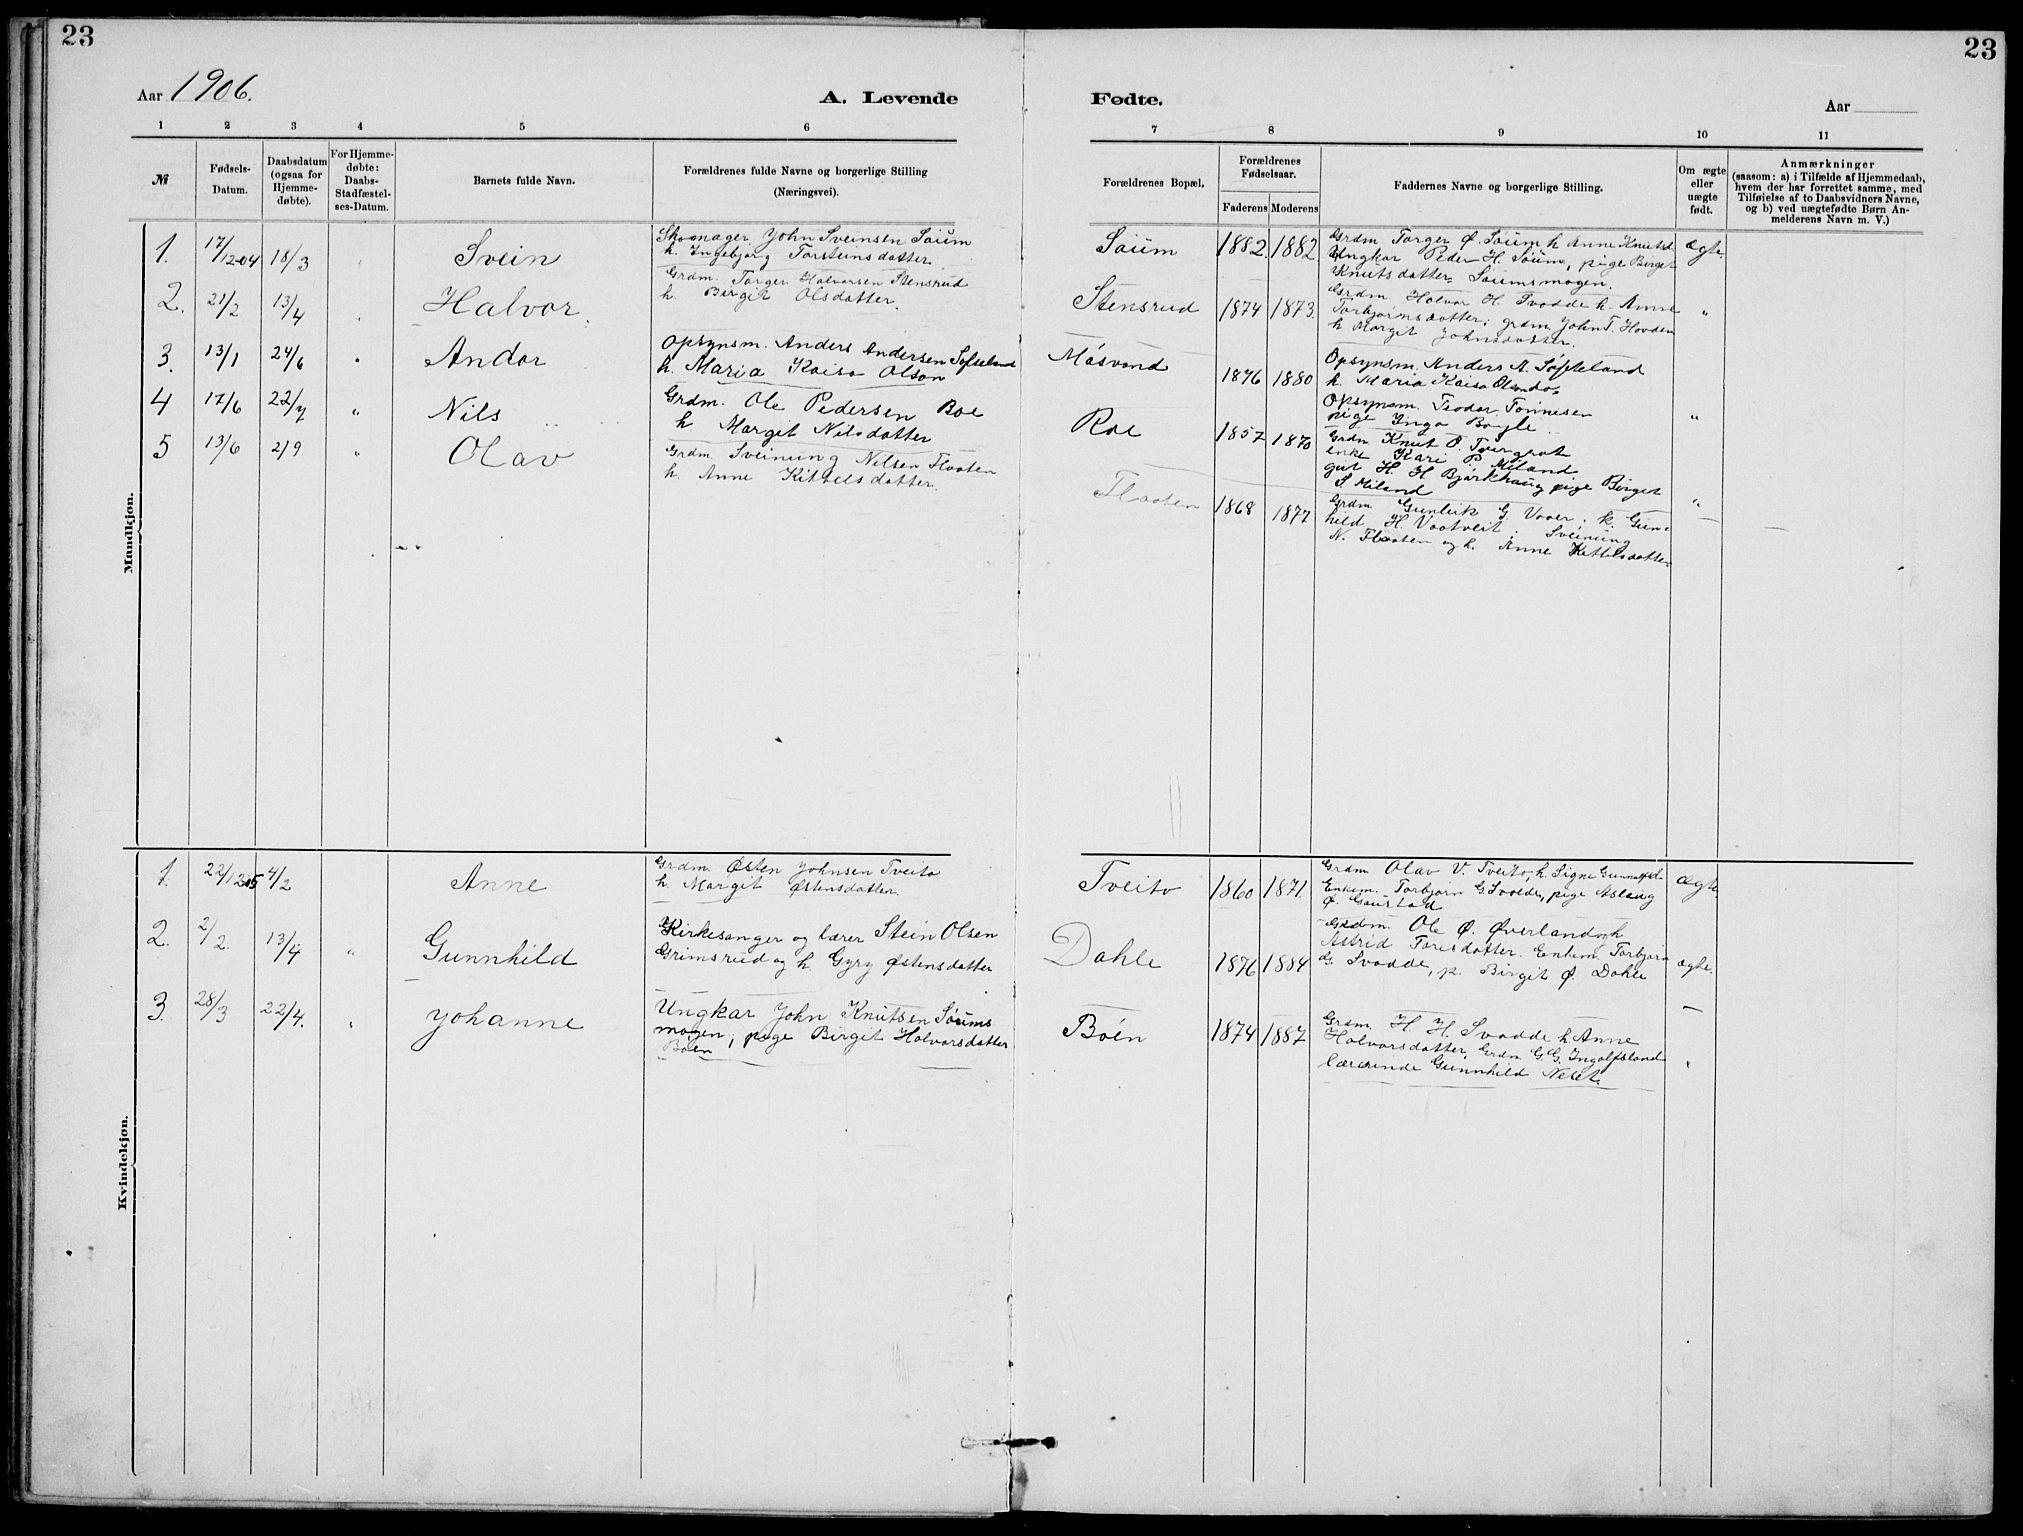 SAKO, Rjukan kirkebøker, G/Ga/L0001: Klokkerbok nr. 1, 1880-1914, s. 23